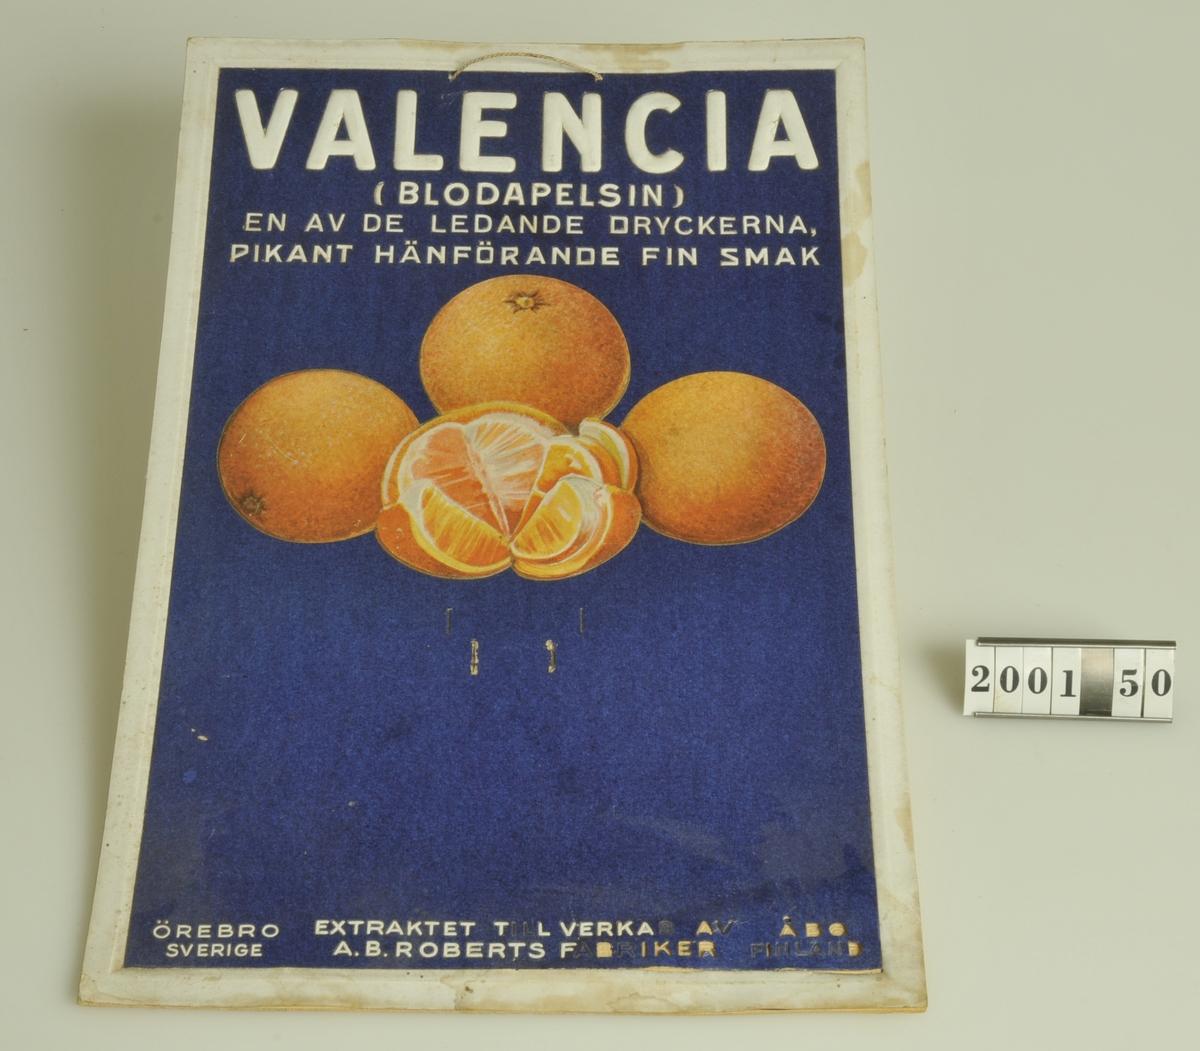 Reklam för Valencia apelsin extrakt. Har märken på mitten som kan betyda att en almanacka varit fäst vid skylten.  Flera av bokstäverna i den nedre delen har fallit av.